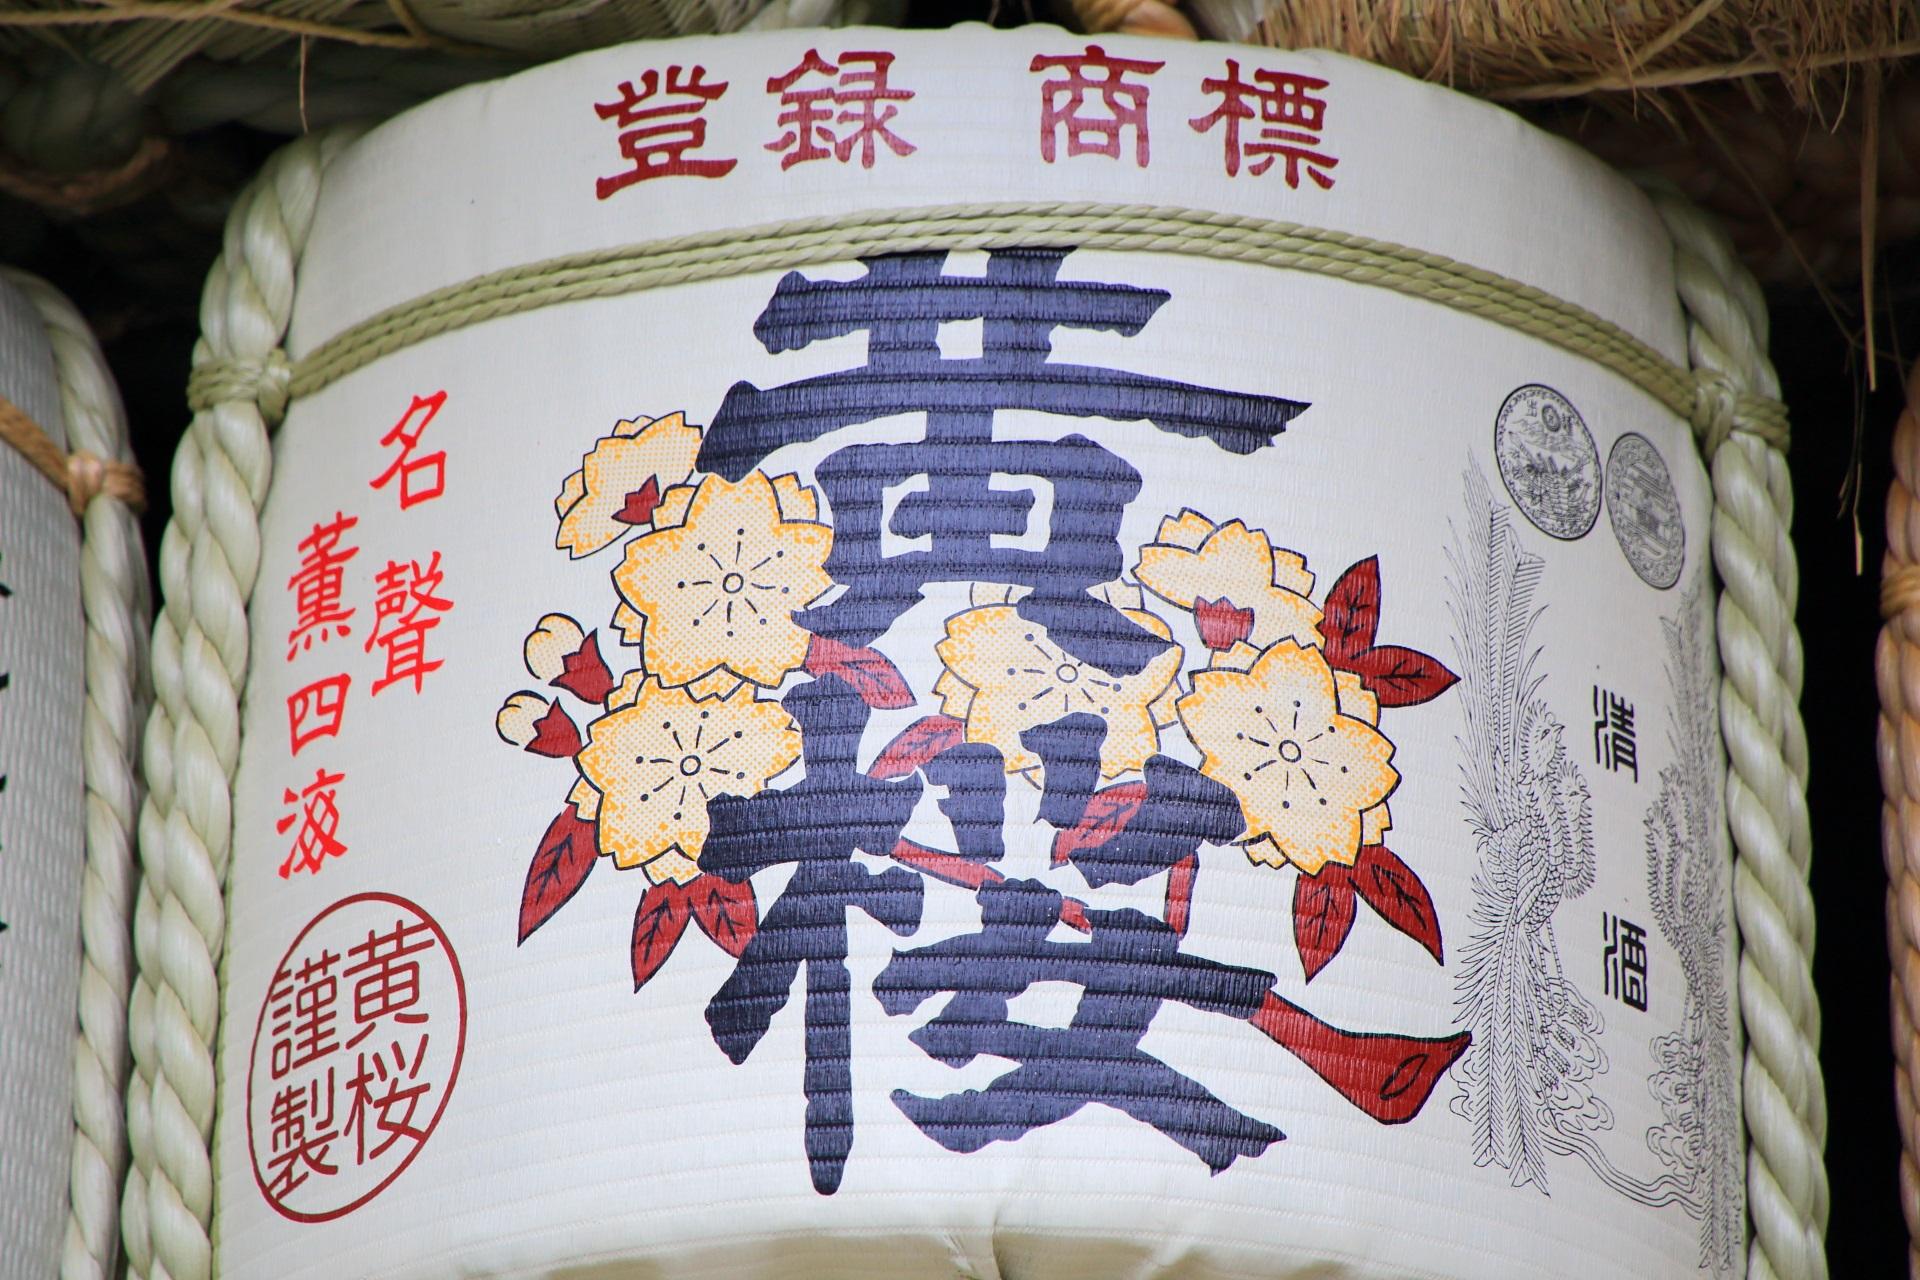 黄桜 酒樽 松尾大社 お酒の神様